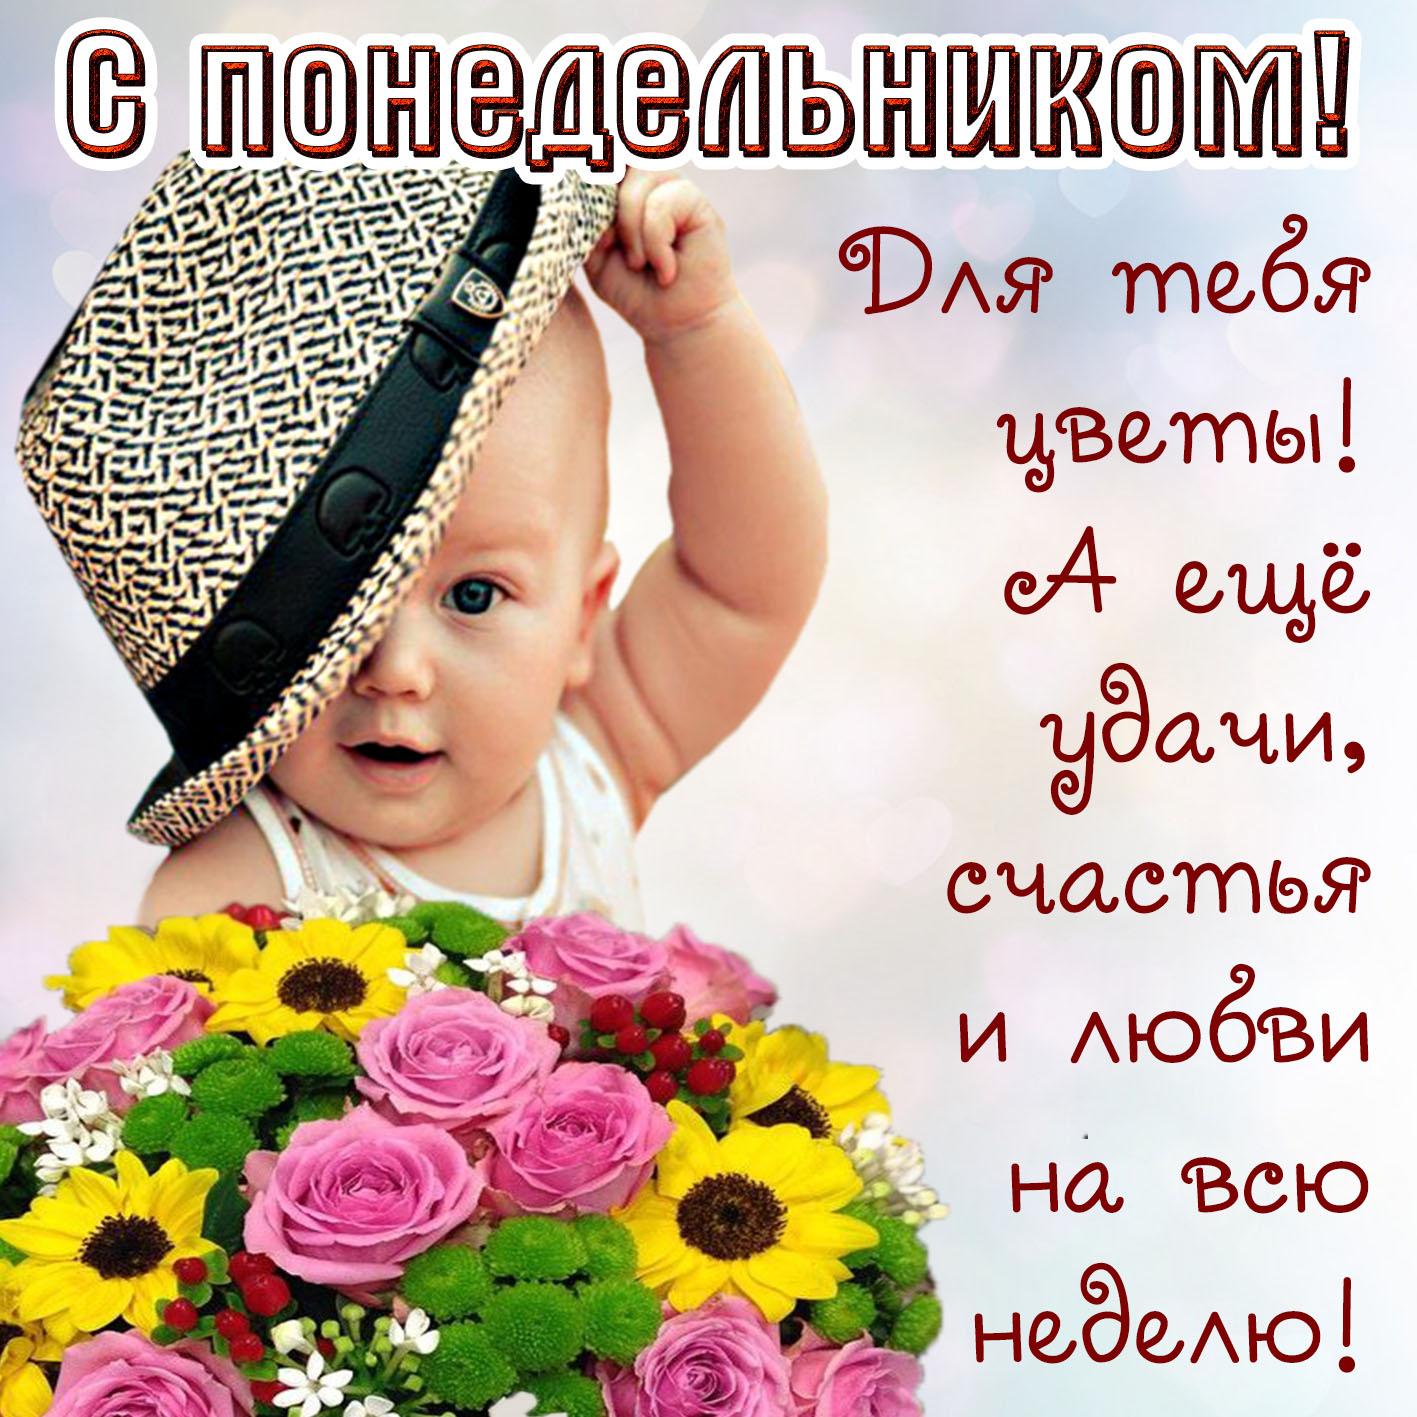 Одноклассников форуме, картинки поздравления с понедельником